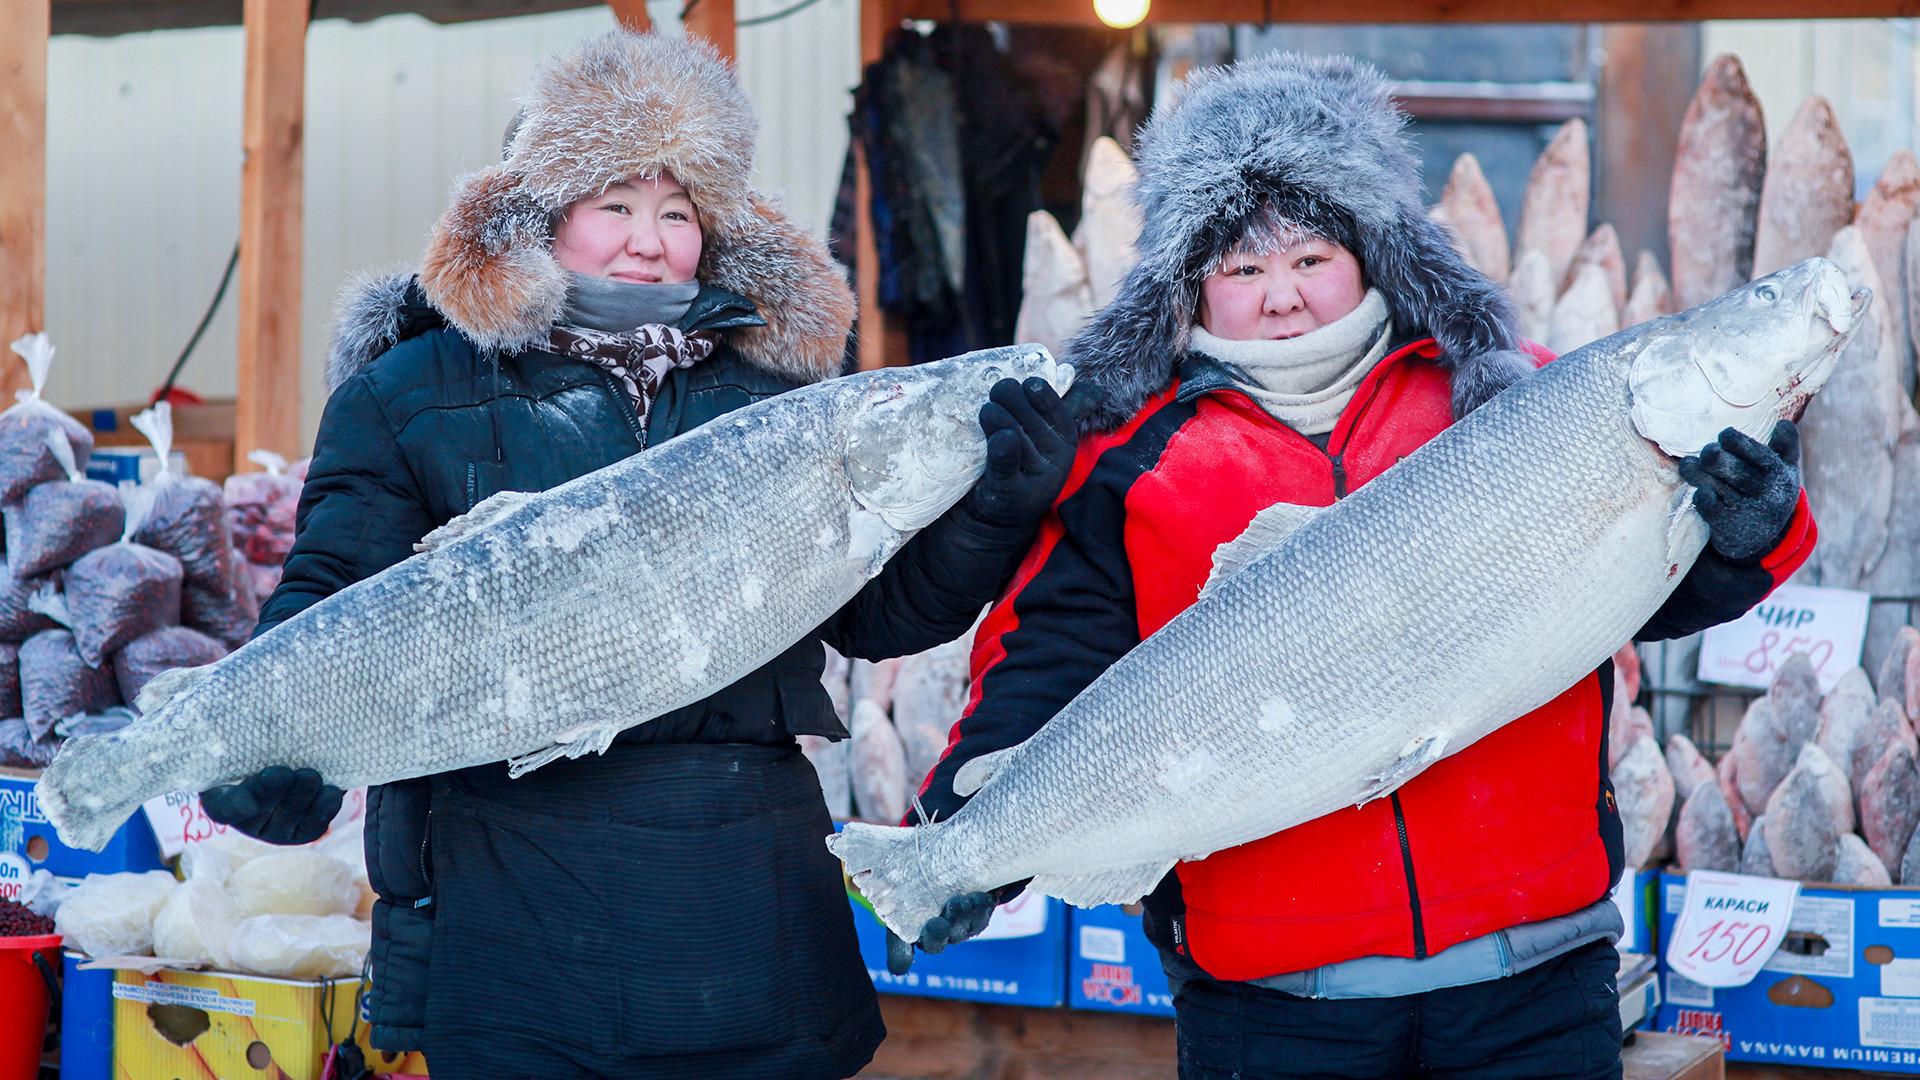 Продавци рибе на Крестјанској пијаци, на -30 степени Целзијуса. Просечна температура у Јакутску је у јануару око -40 степени.